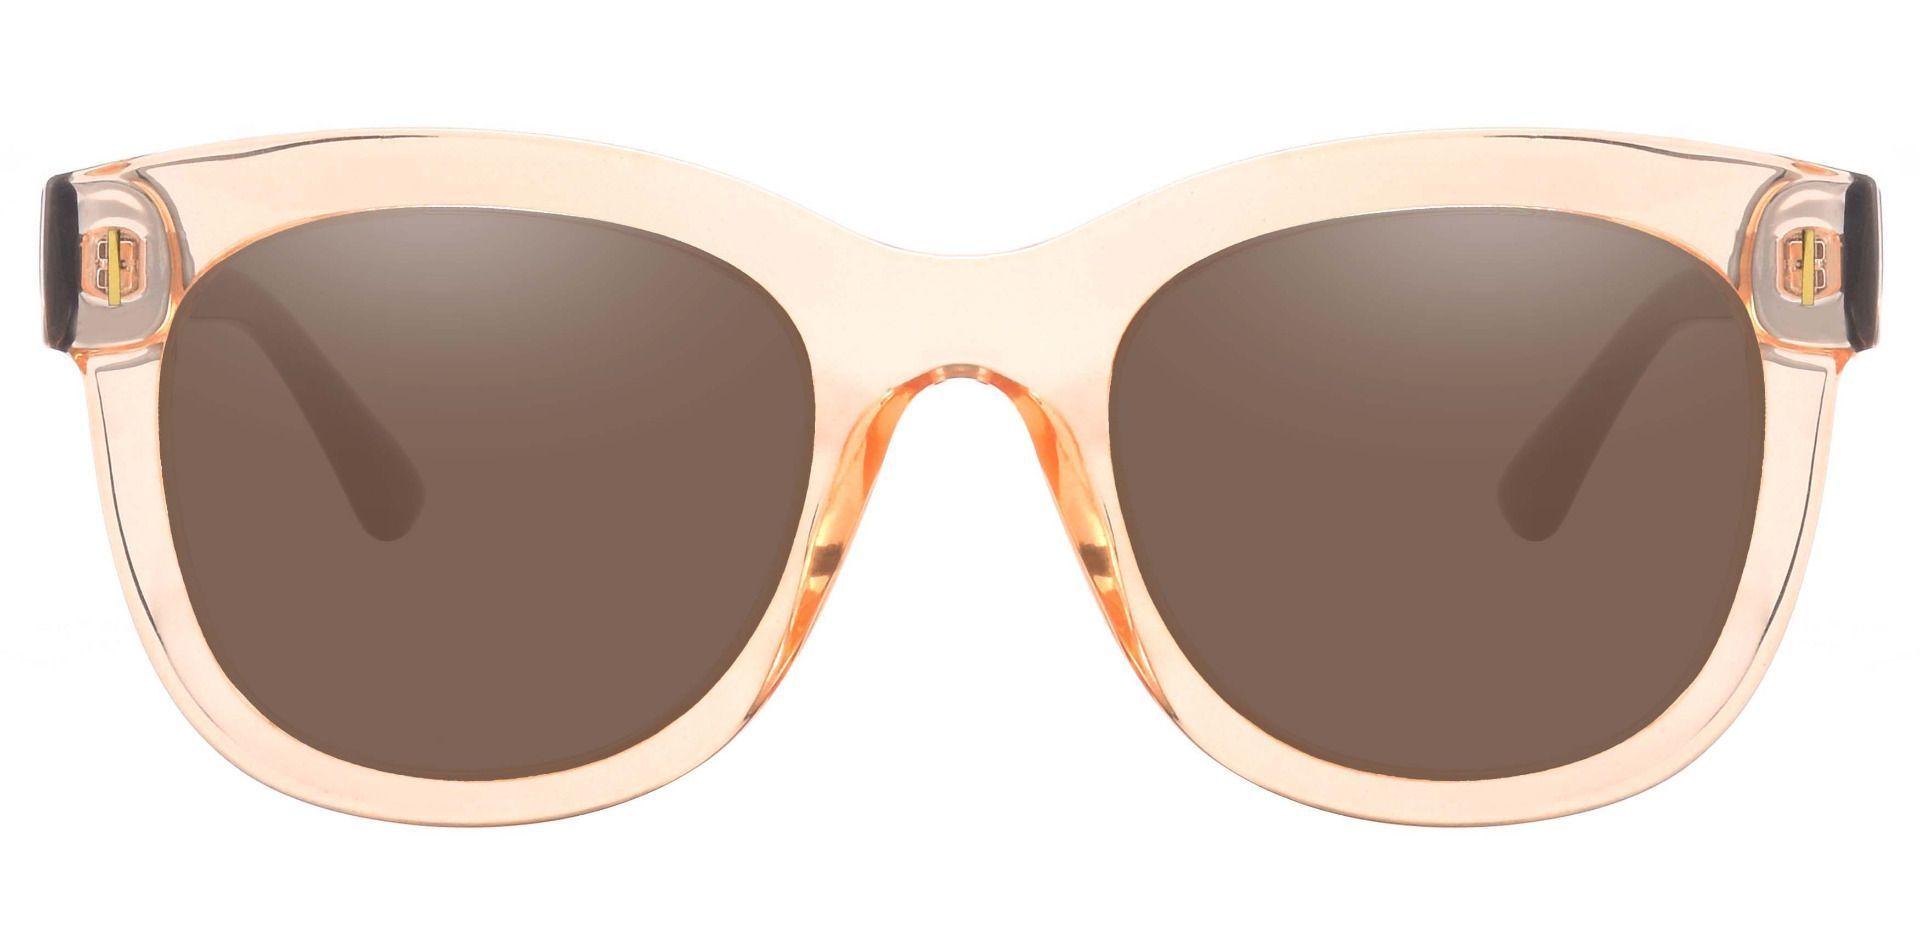 Saratoga Square Prescription Sunglasses - Brown Frame With Brown Lenses